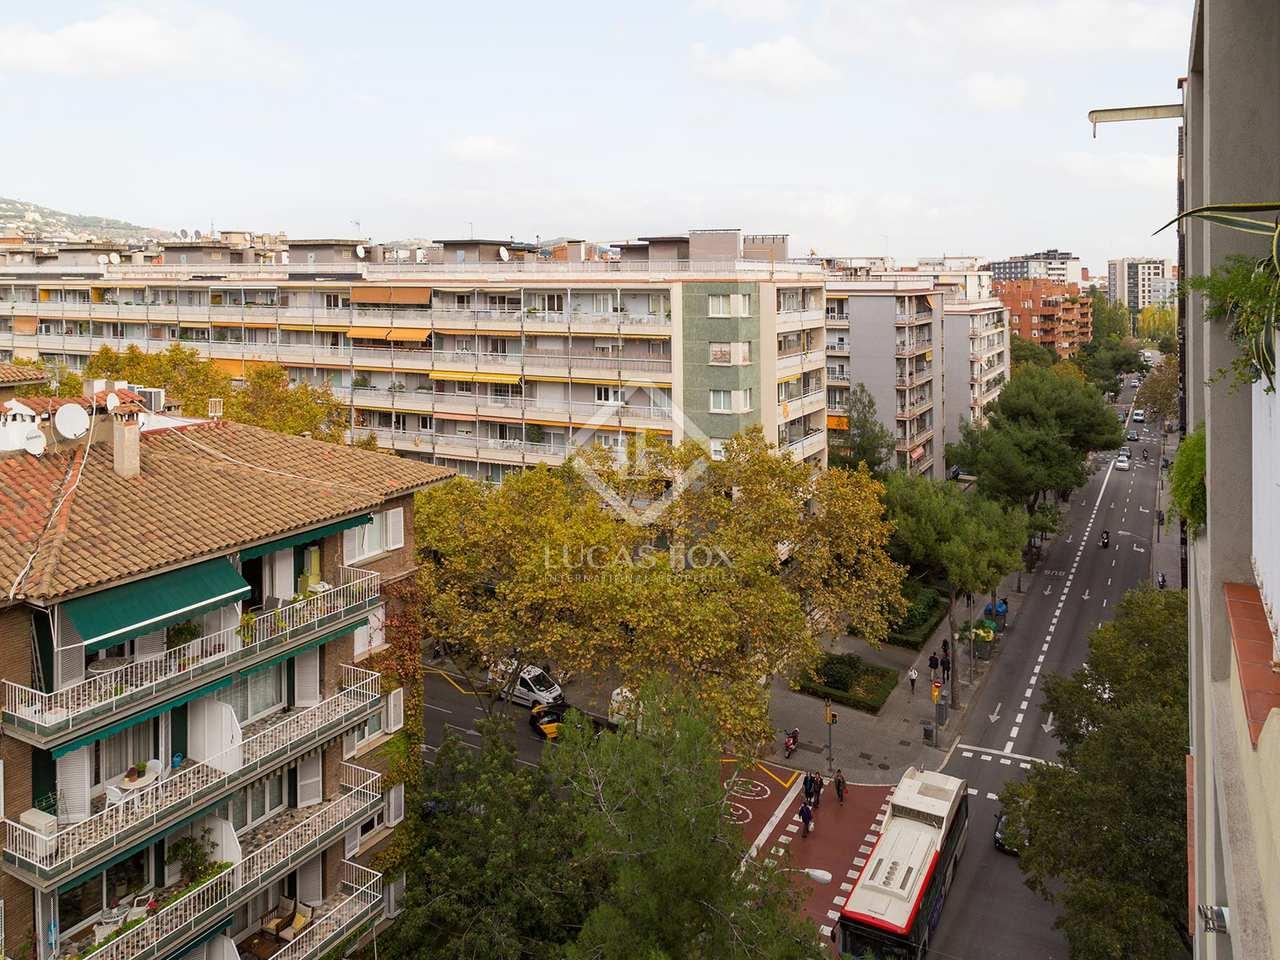 Tico en venta en la zona alta de barcelona - Zona alta barcelona ...